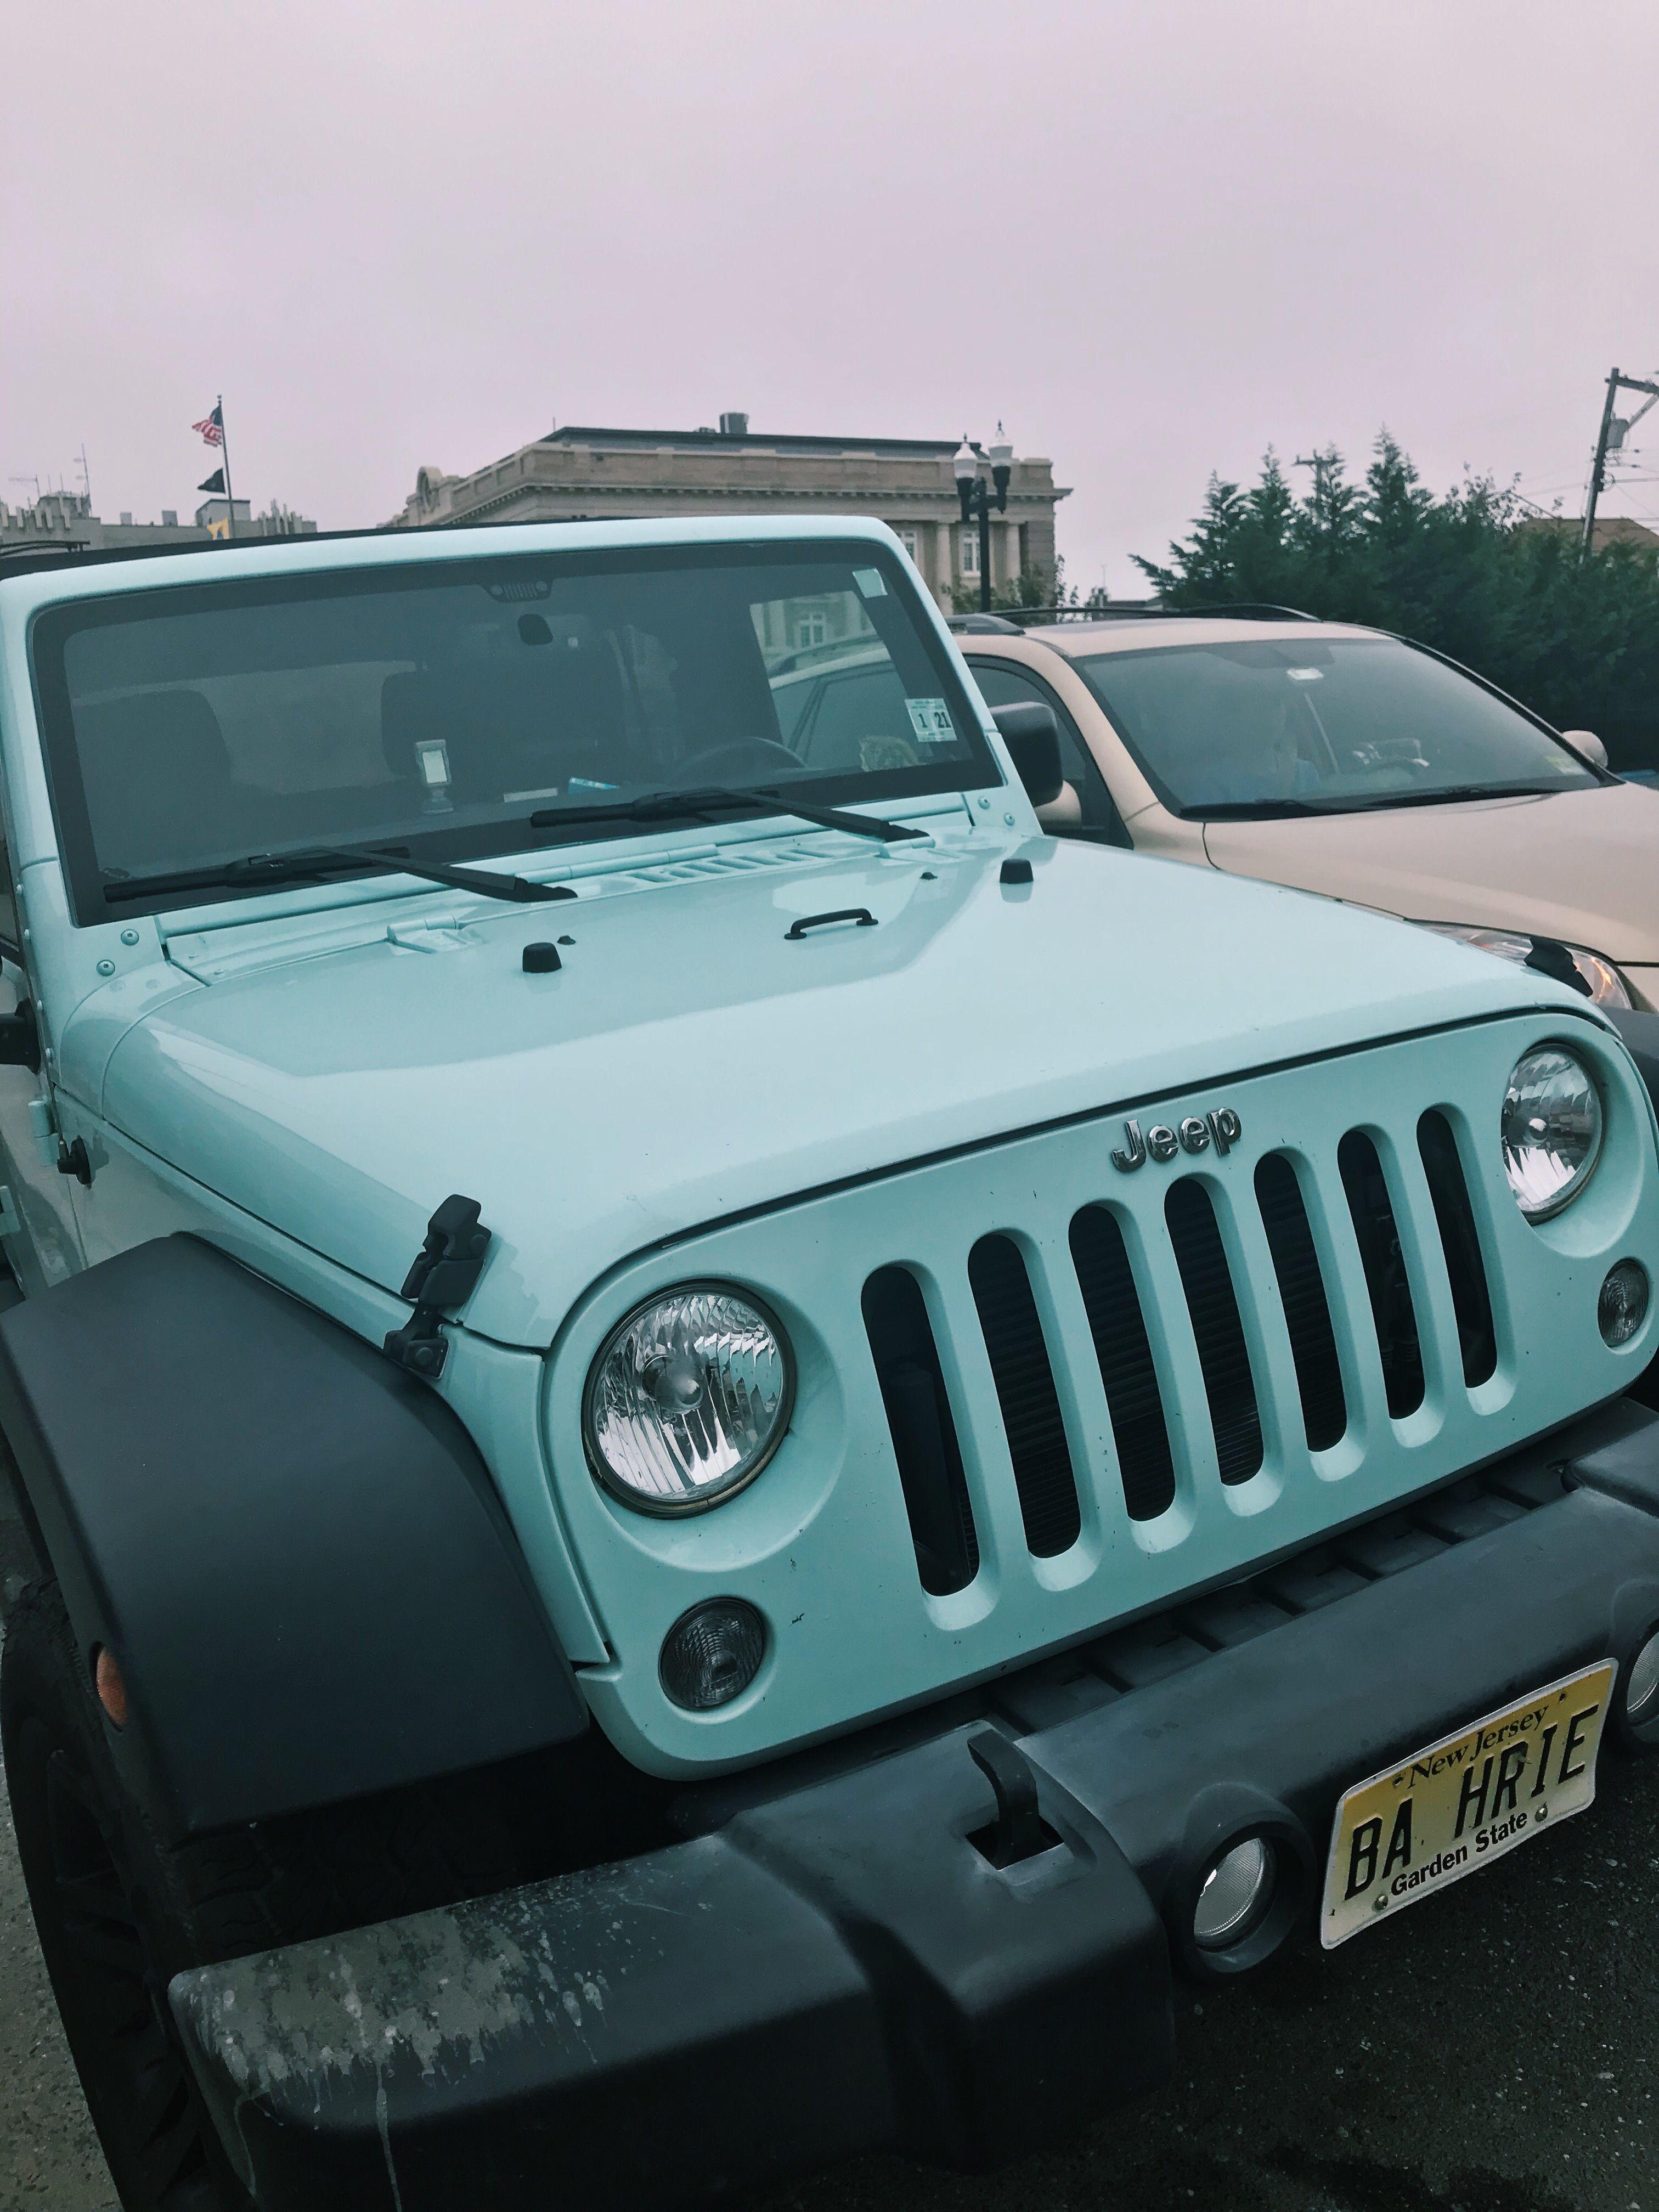 Mint Green Jeep Green Jeep Jeep Dream Cars